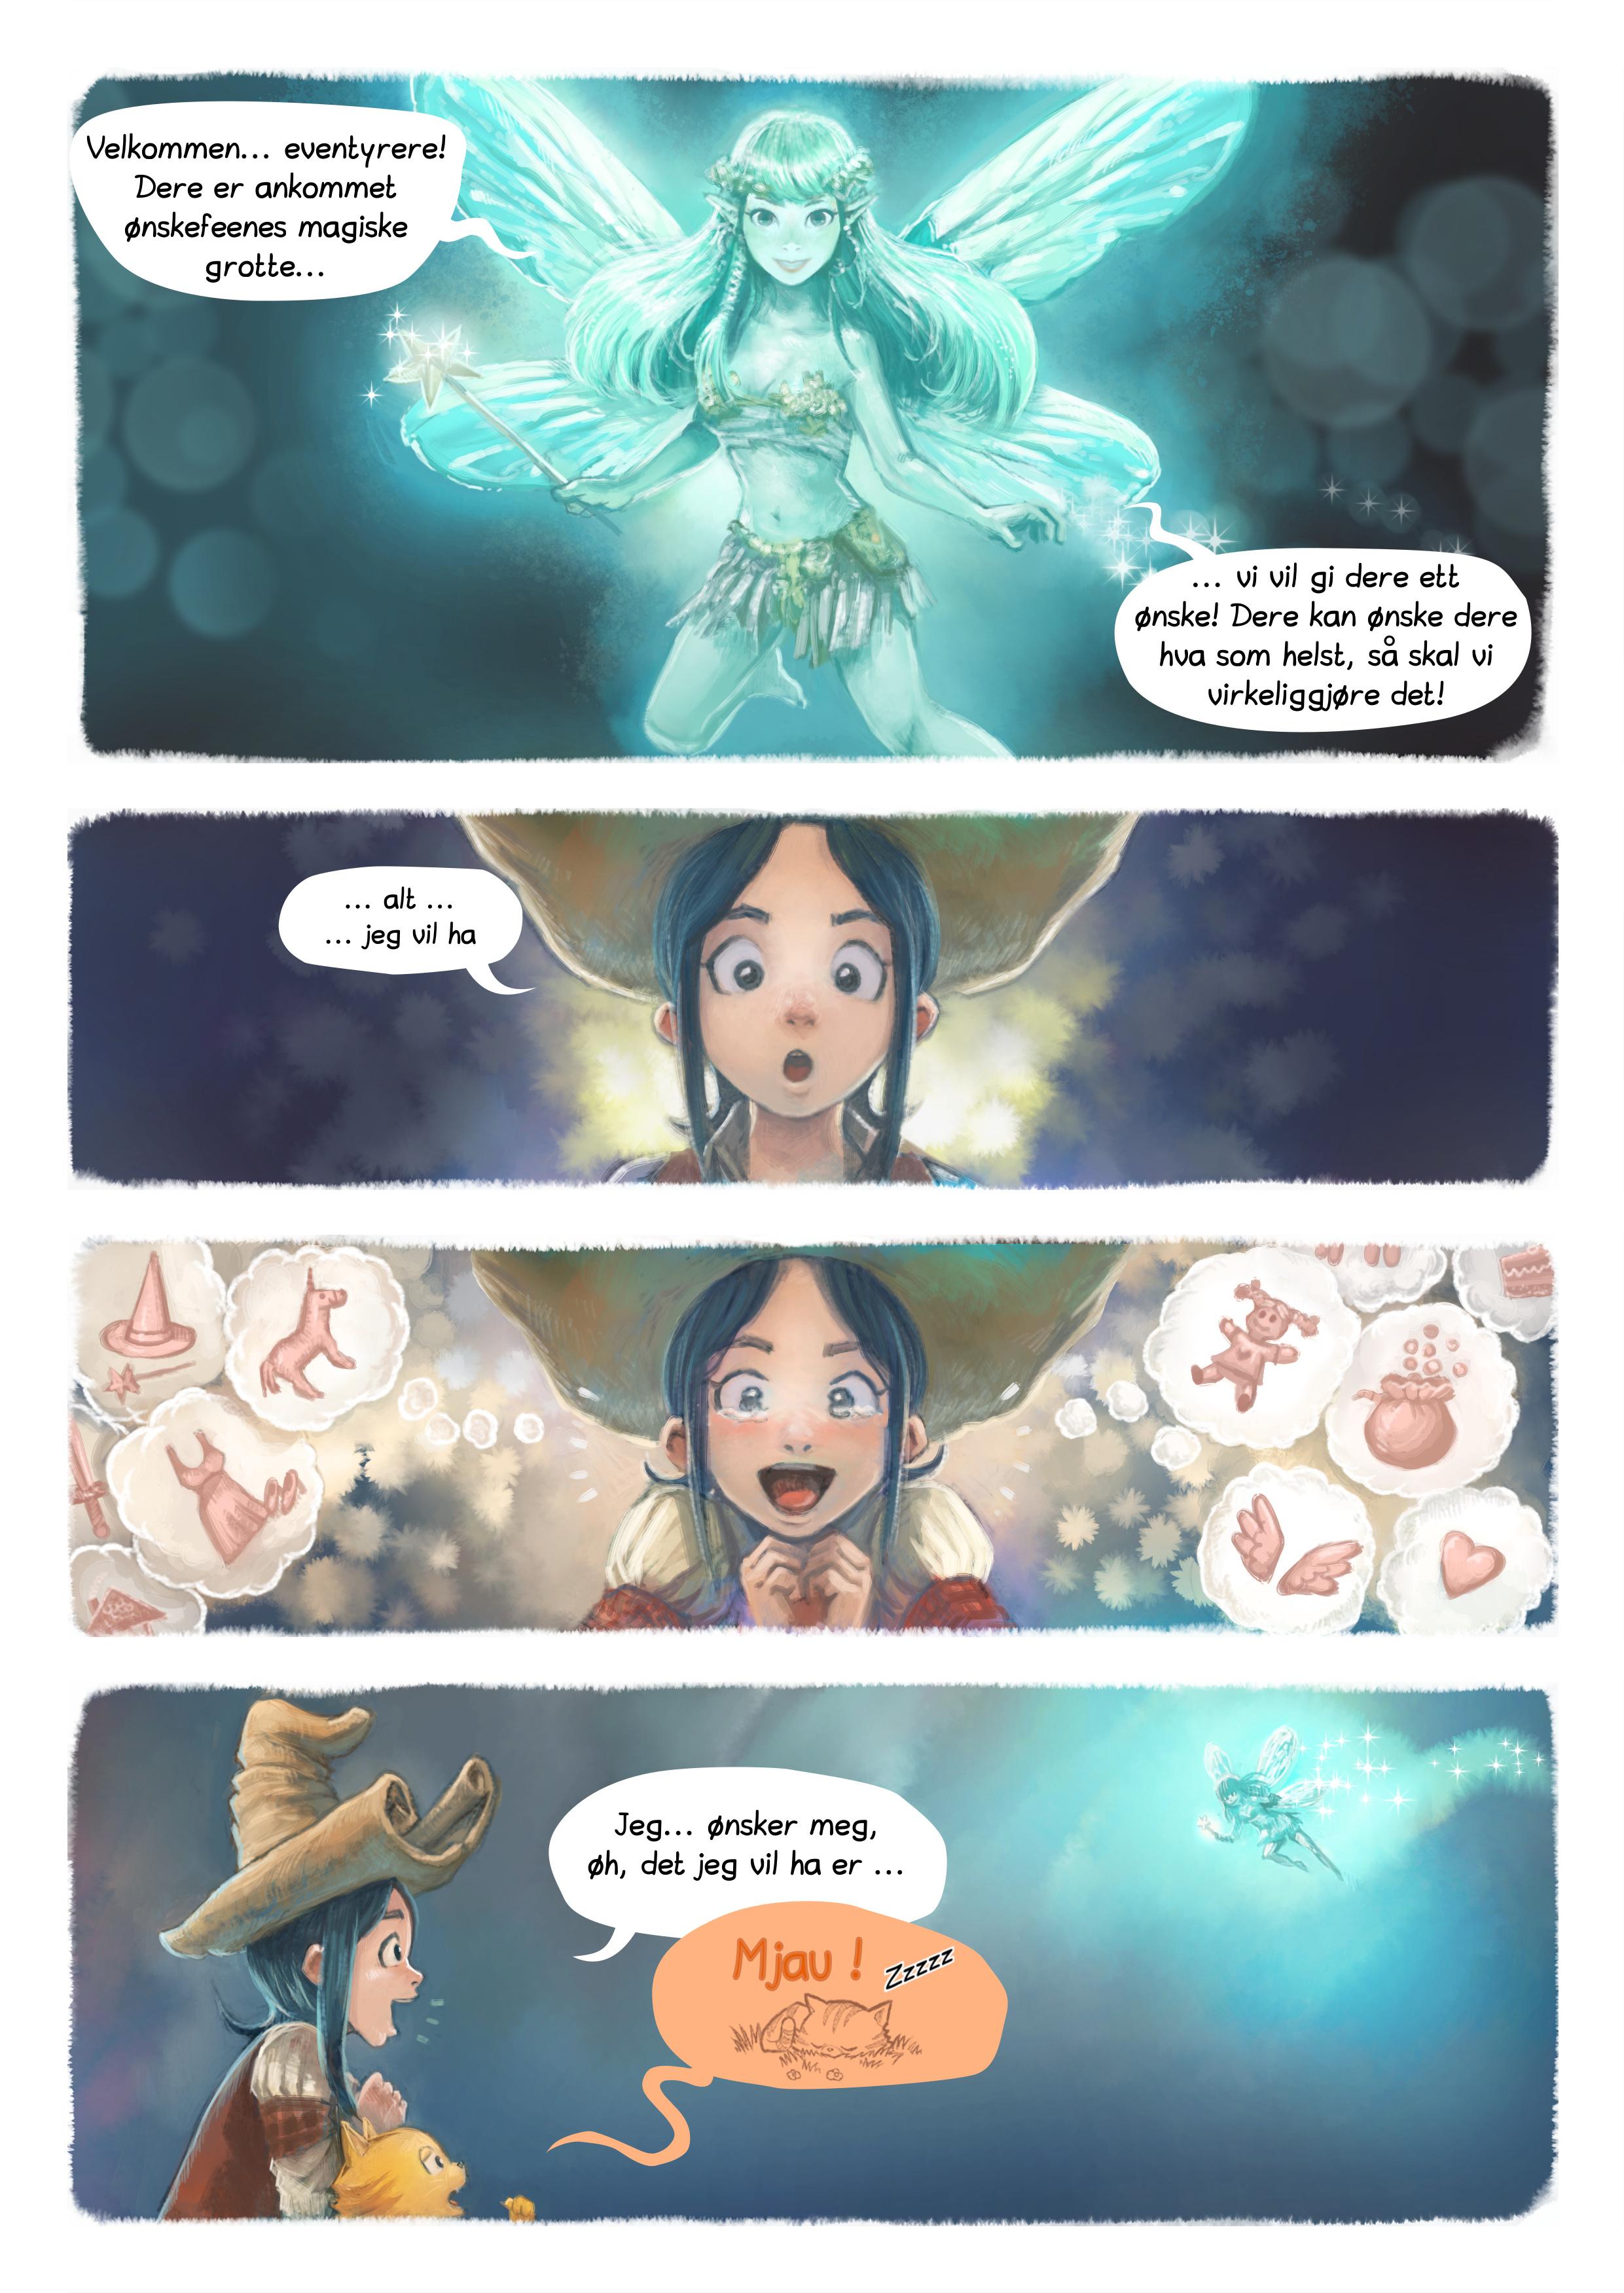 Episode 7: Ett ønske, Page 4